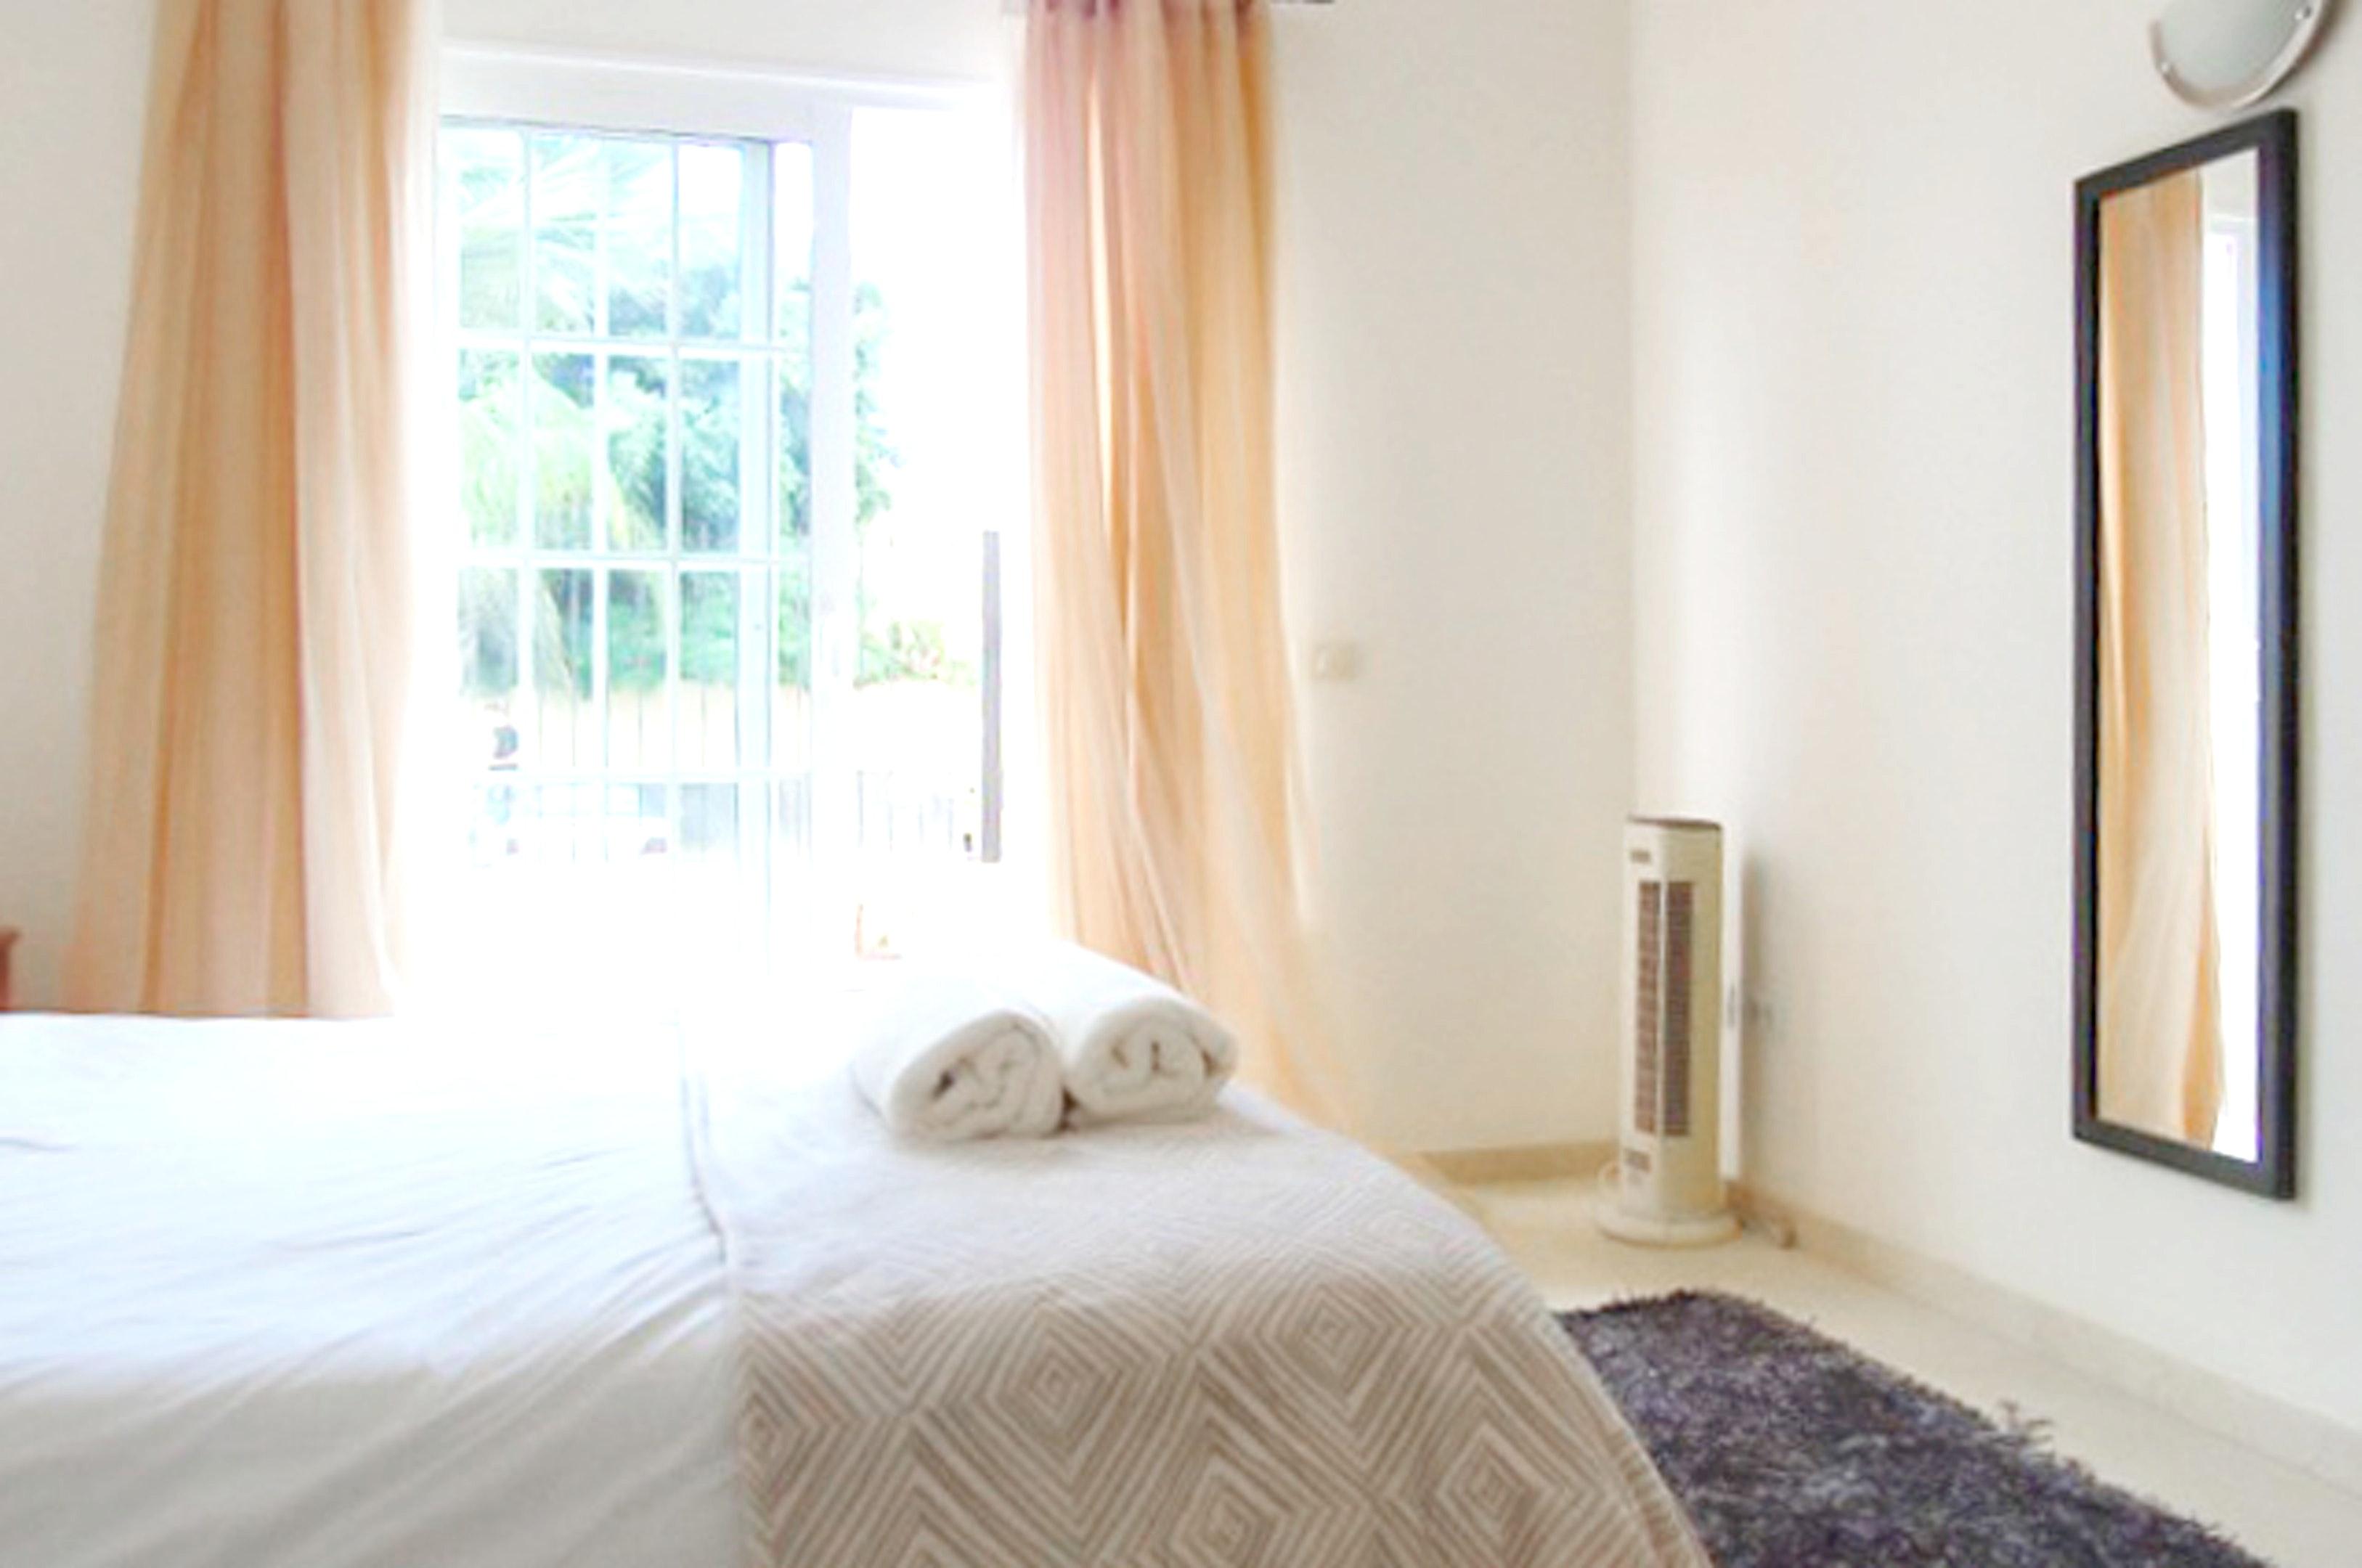 Appartement de vacances Wohnung mit 2 Schlafzimmern in Palm-Mar mit Pool, möblierter Terrasse und W-LAN - 800 m vo (2201692), Palm-Mar, Ténérife, Iles Canaries, Espagne, image 4